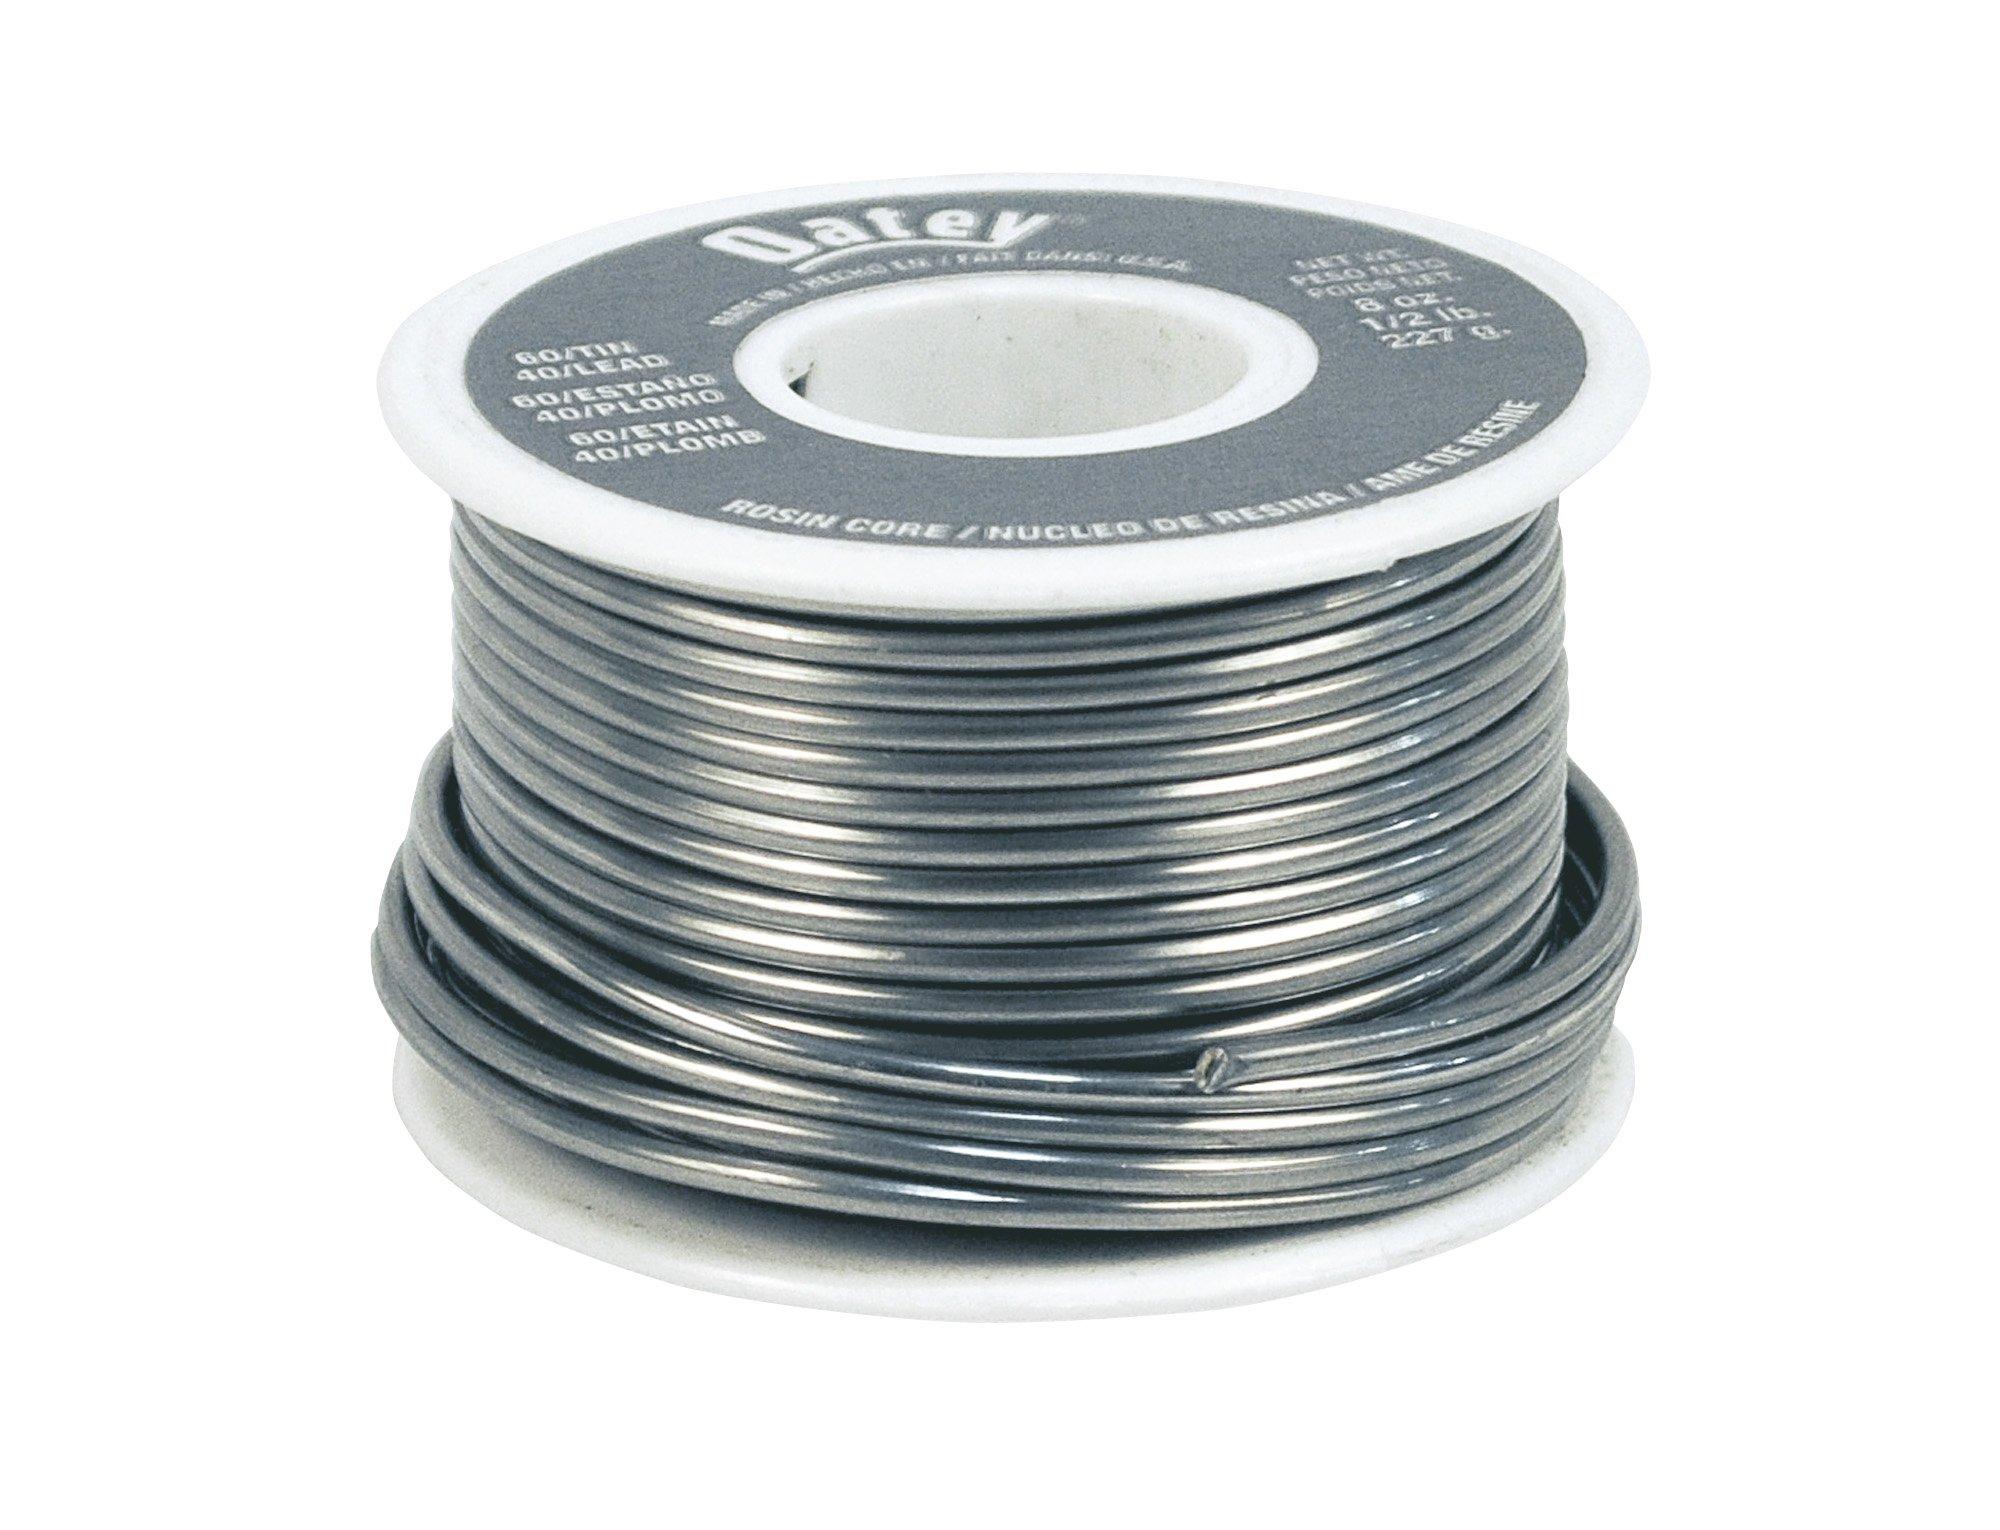 Oatey 50194 60/40 Rosin Core Solder 0.063-Inch ga. - Bulk 1/2 lb.